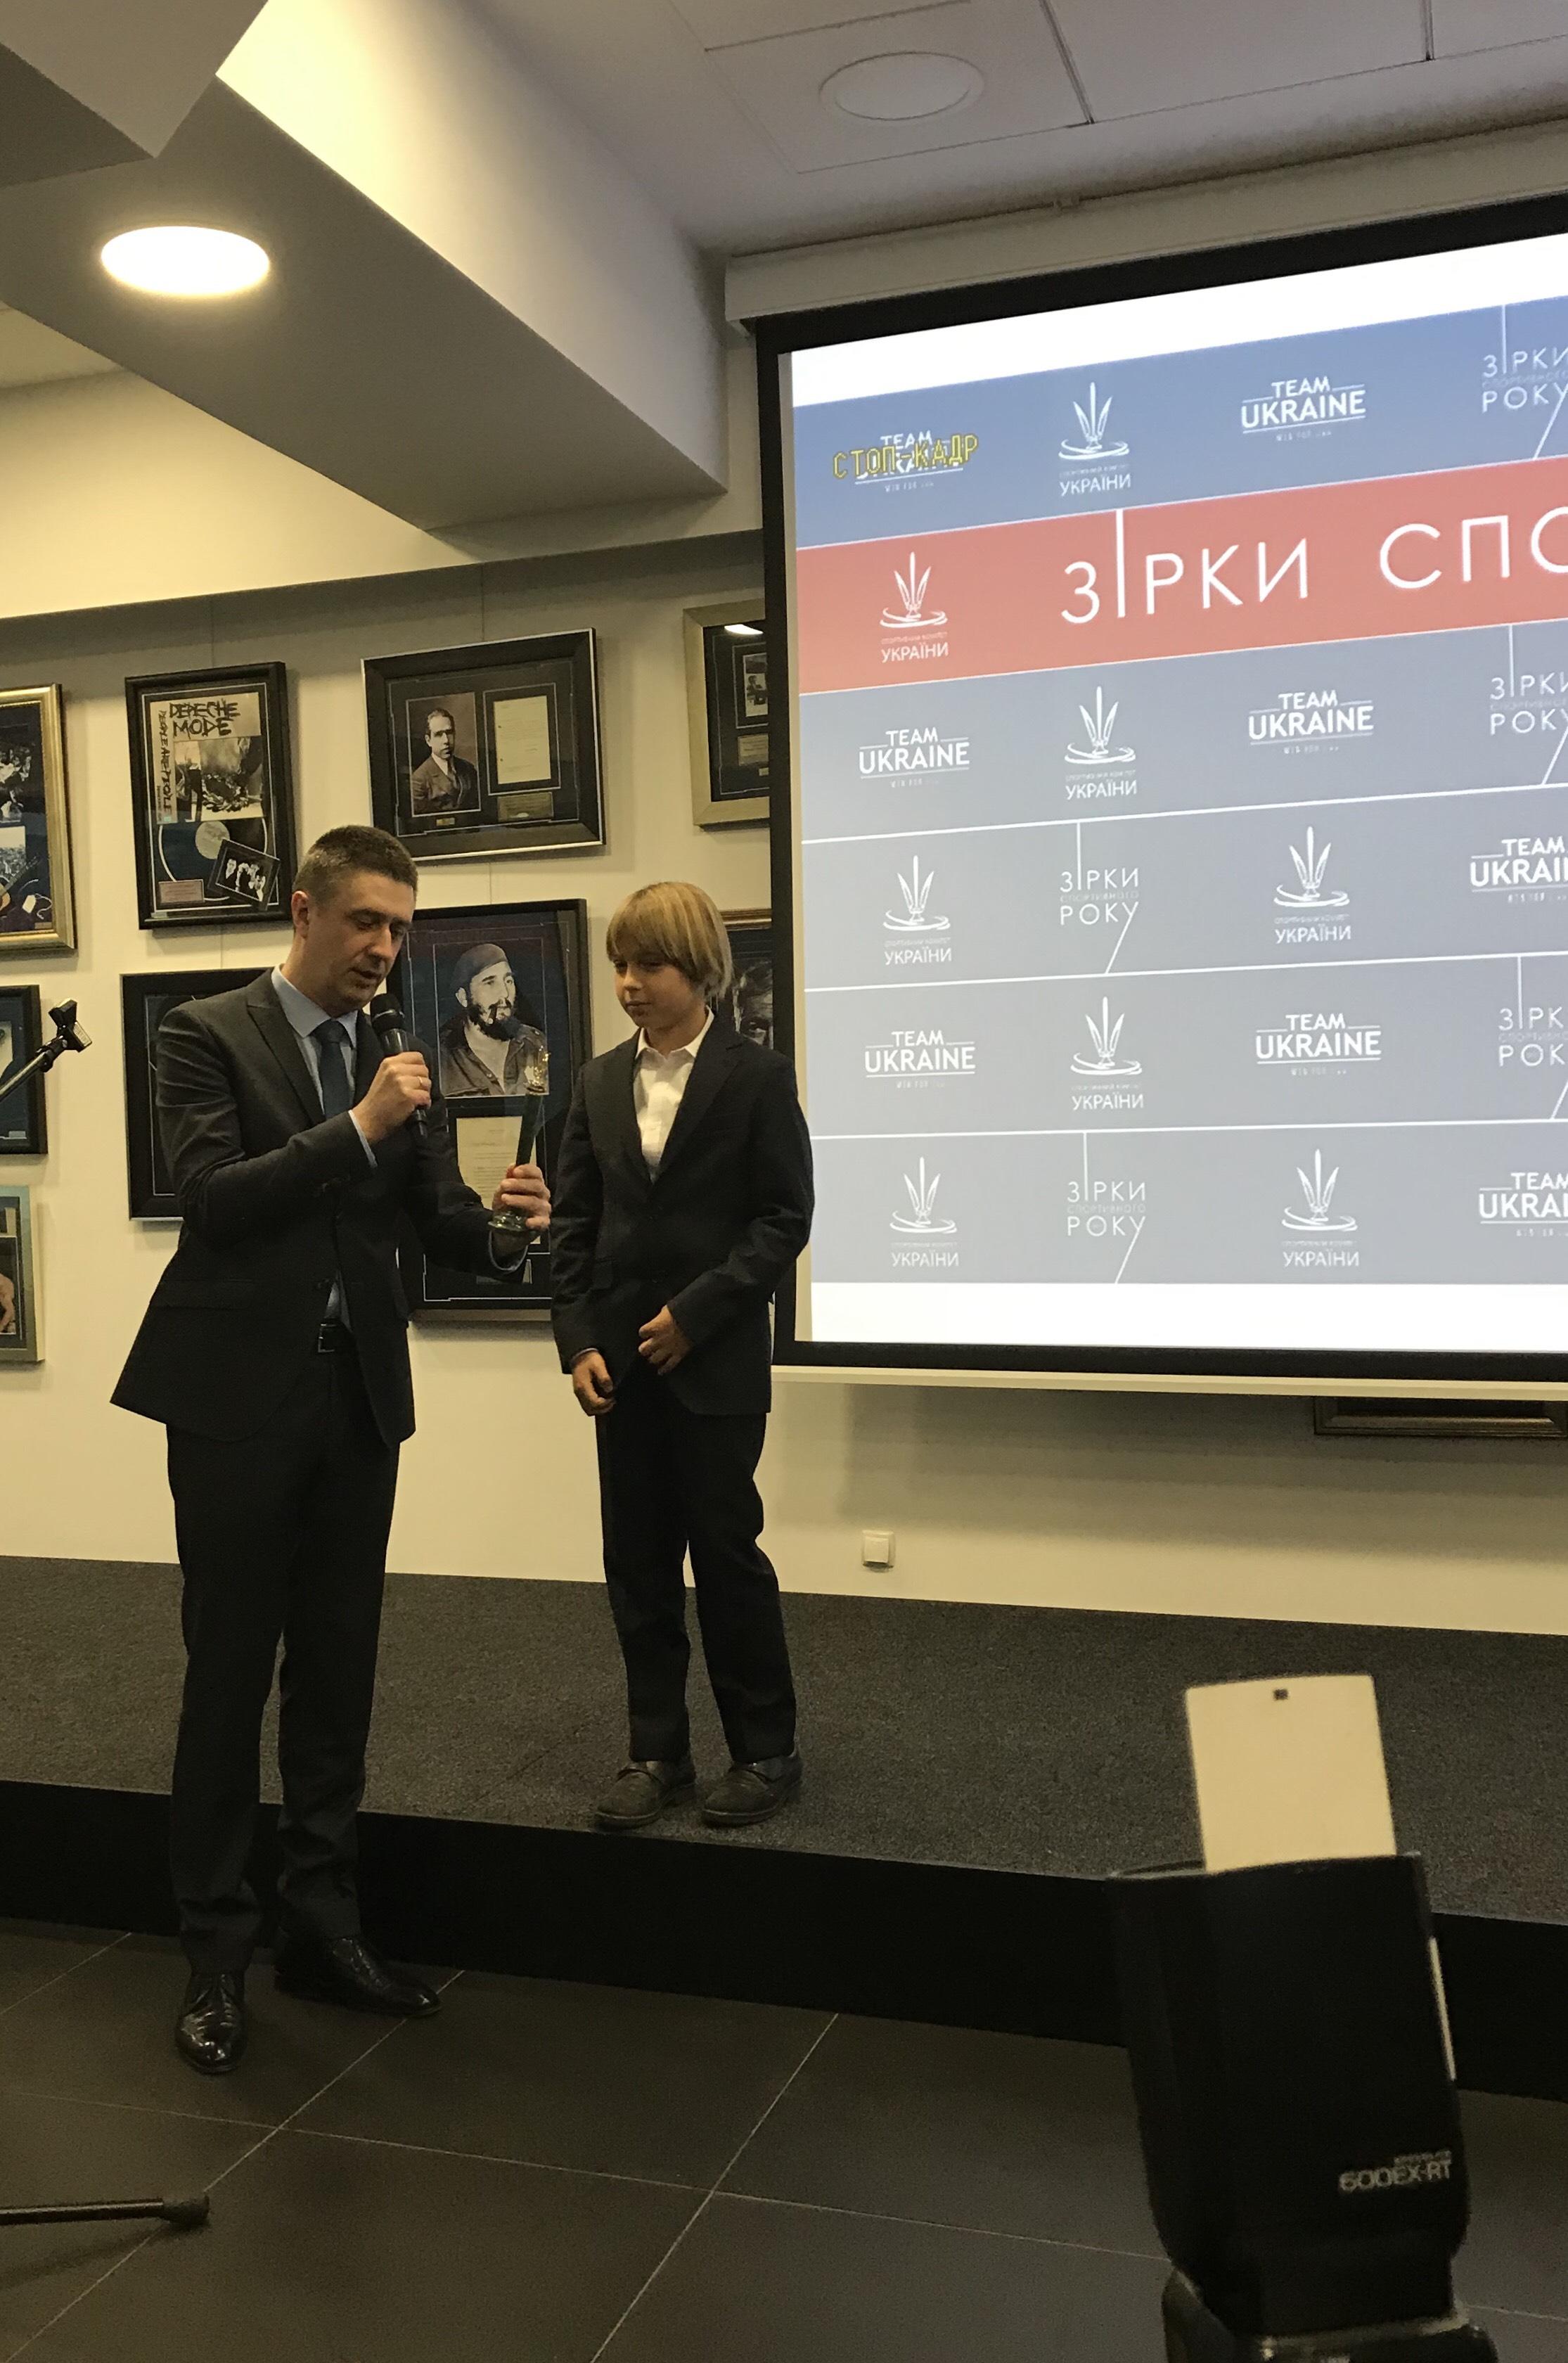 В'ячеслав Кириленко взяв участь у церемонії «Зірки спортивного року»